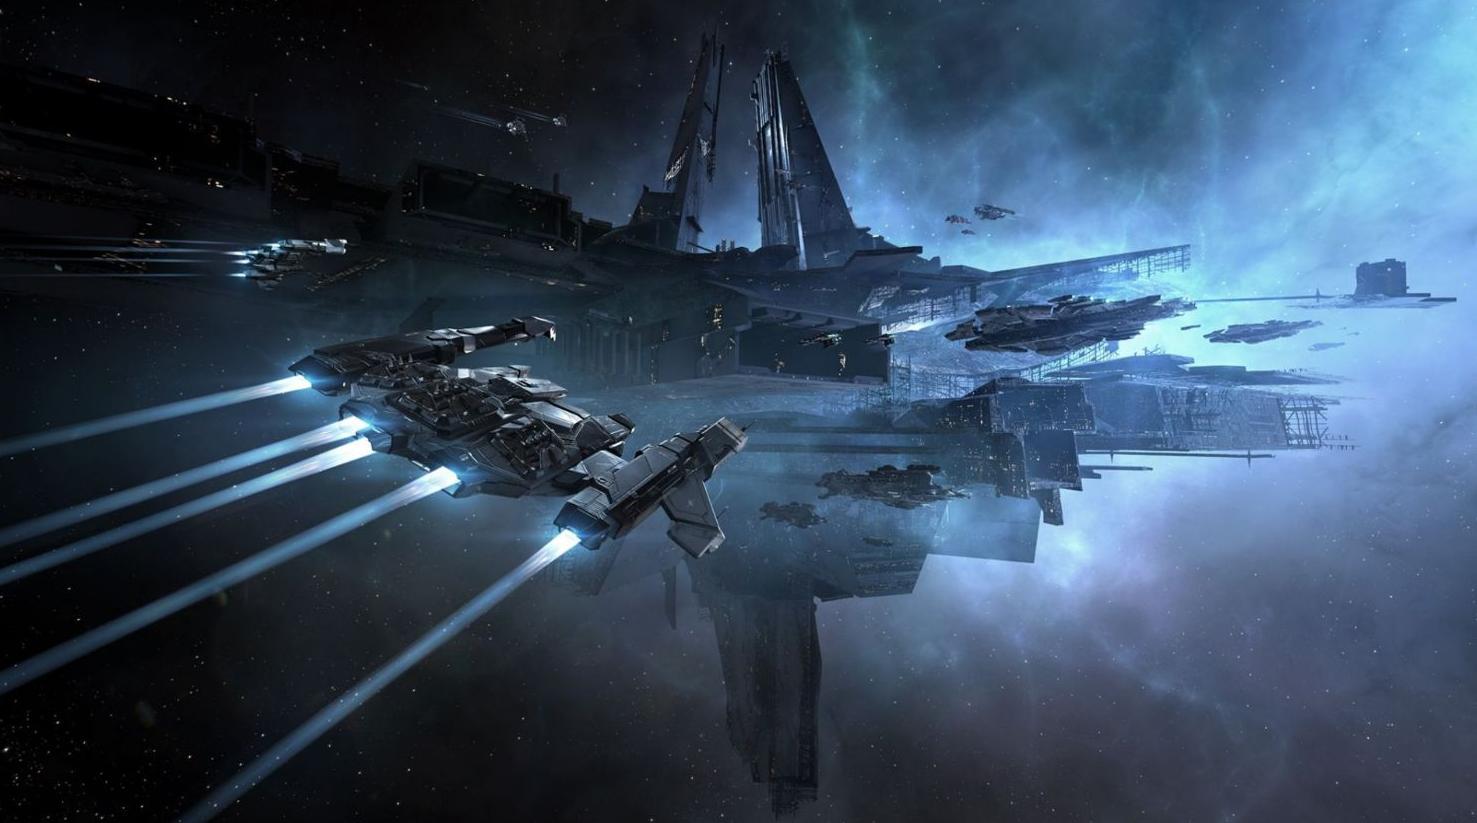 韩国游戏厂商Pearl Abyss花费4.5亿美元收购冰岛游戏开发商CCP Games